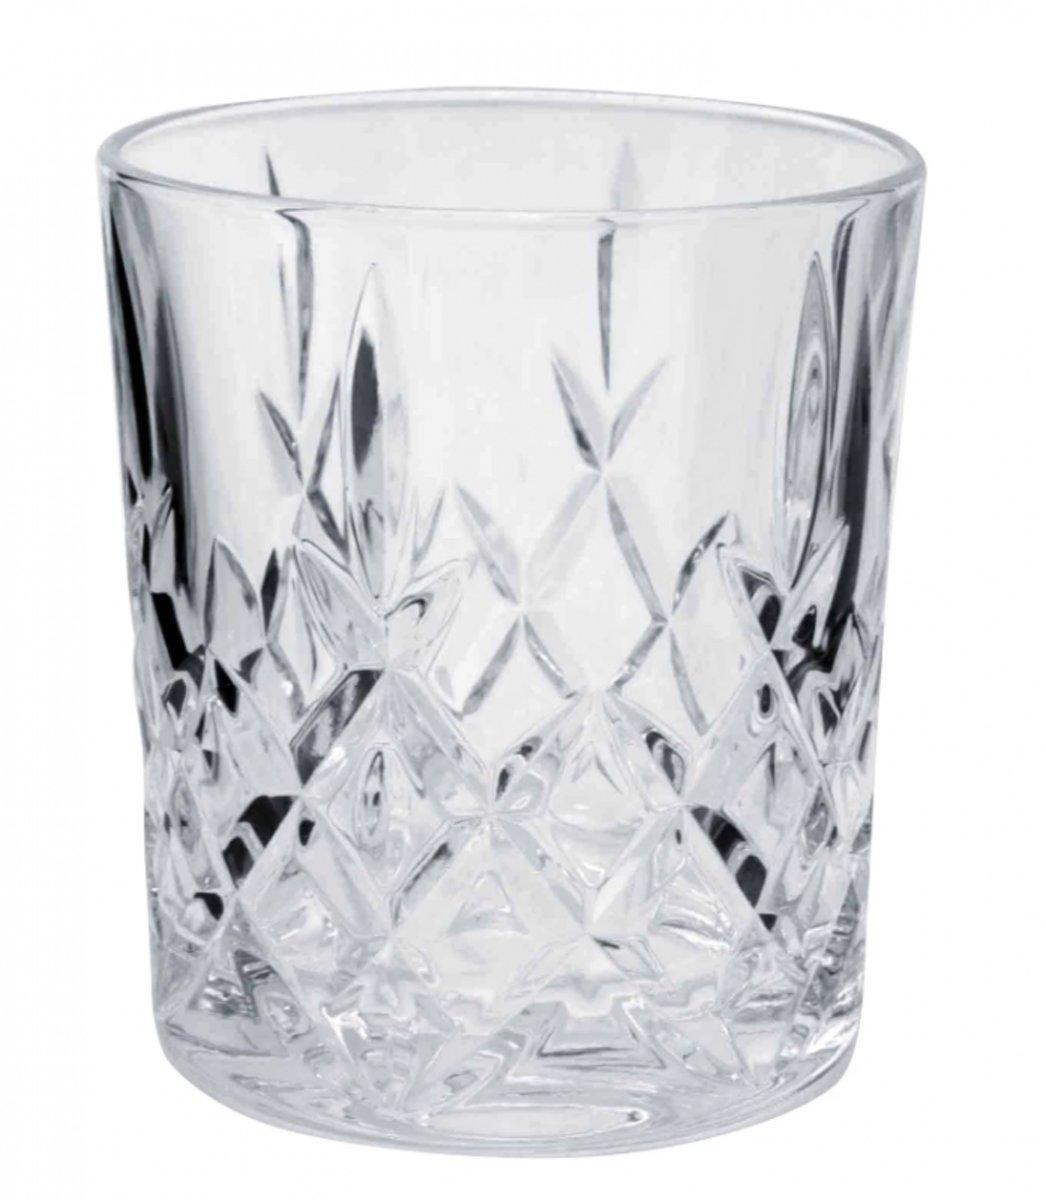 Bohemia Brixton Whiskyglas - 2 Stuks kopen